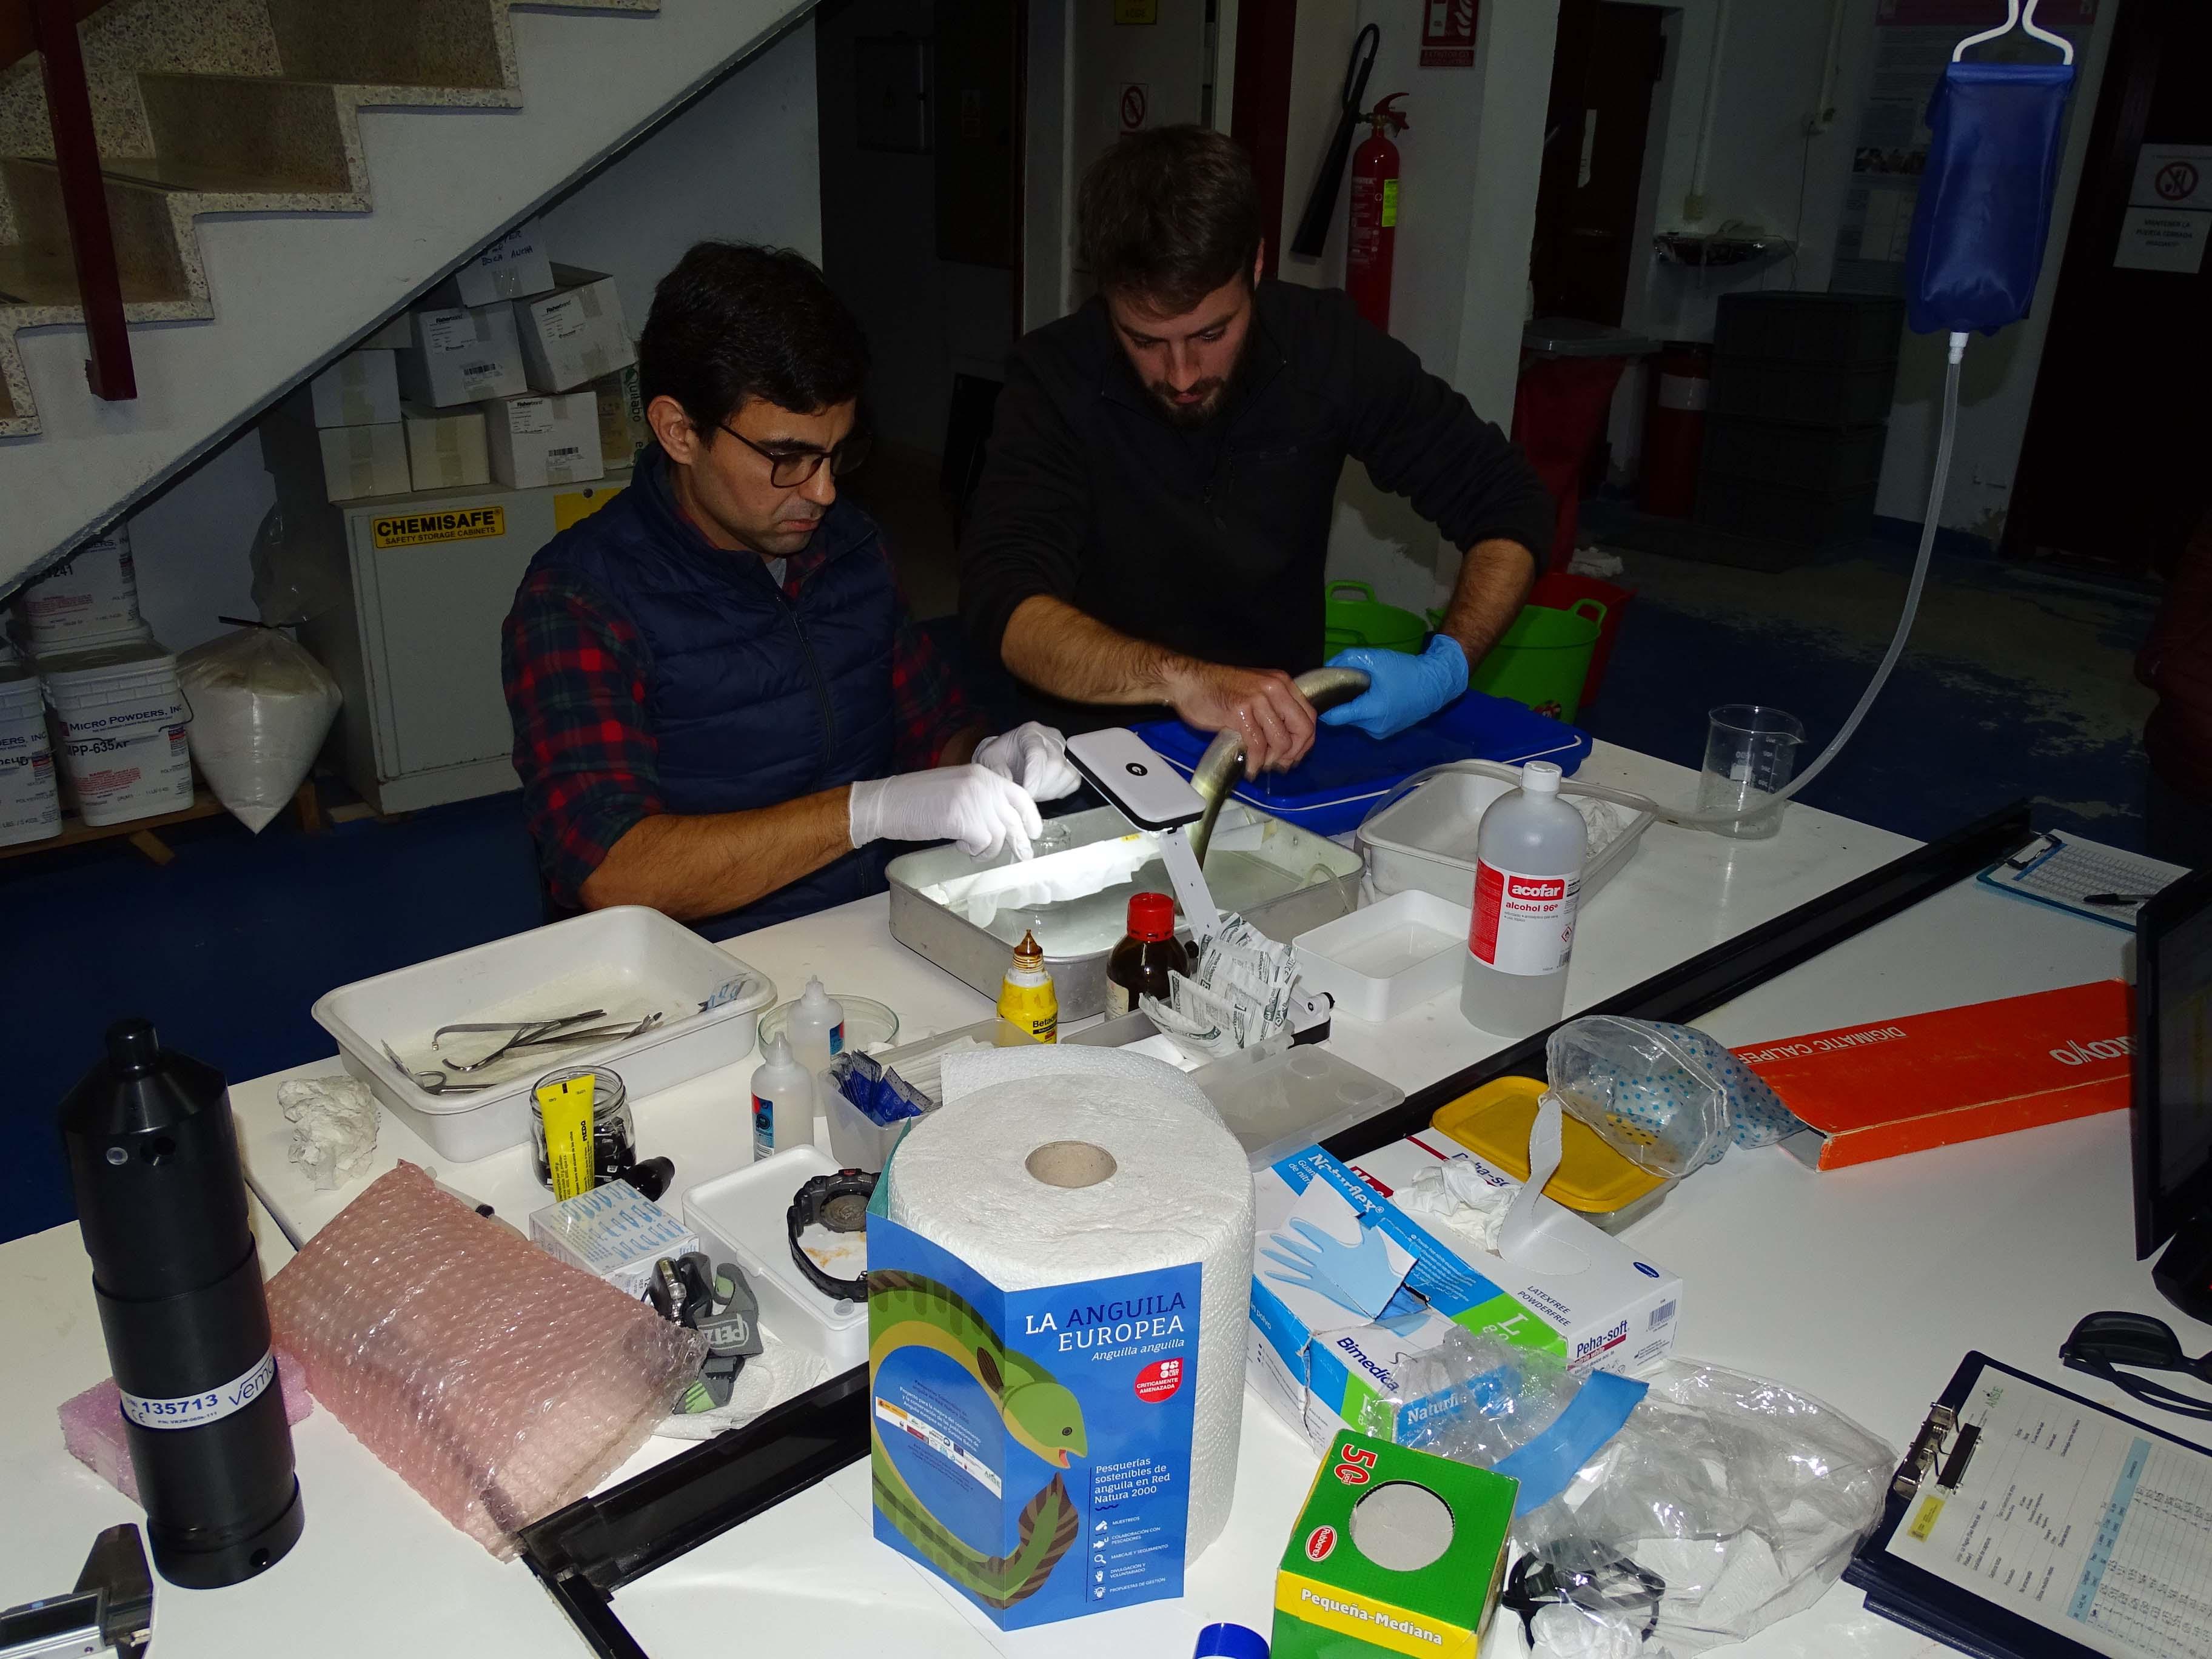 Marcaje de anguilas en laboratorio. Imagen: Carmen Martínez / ANSE